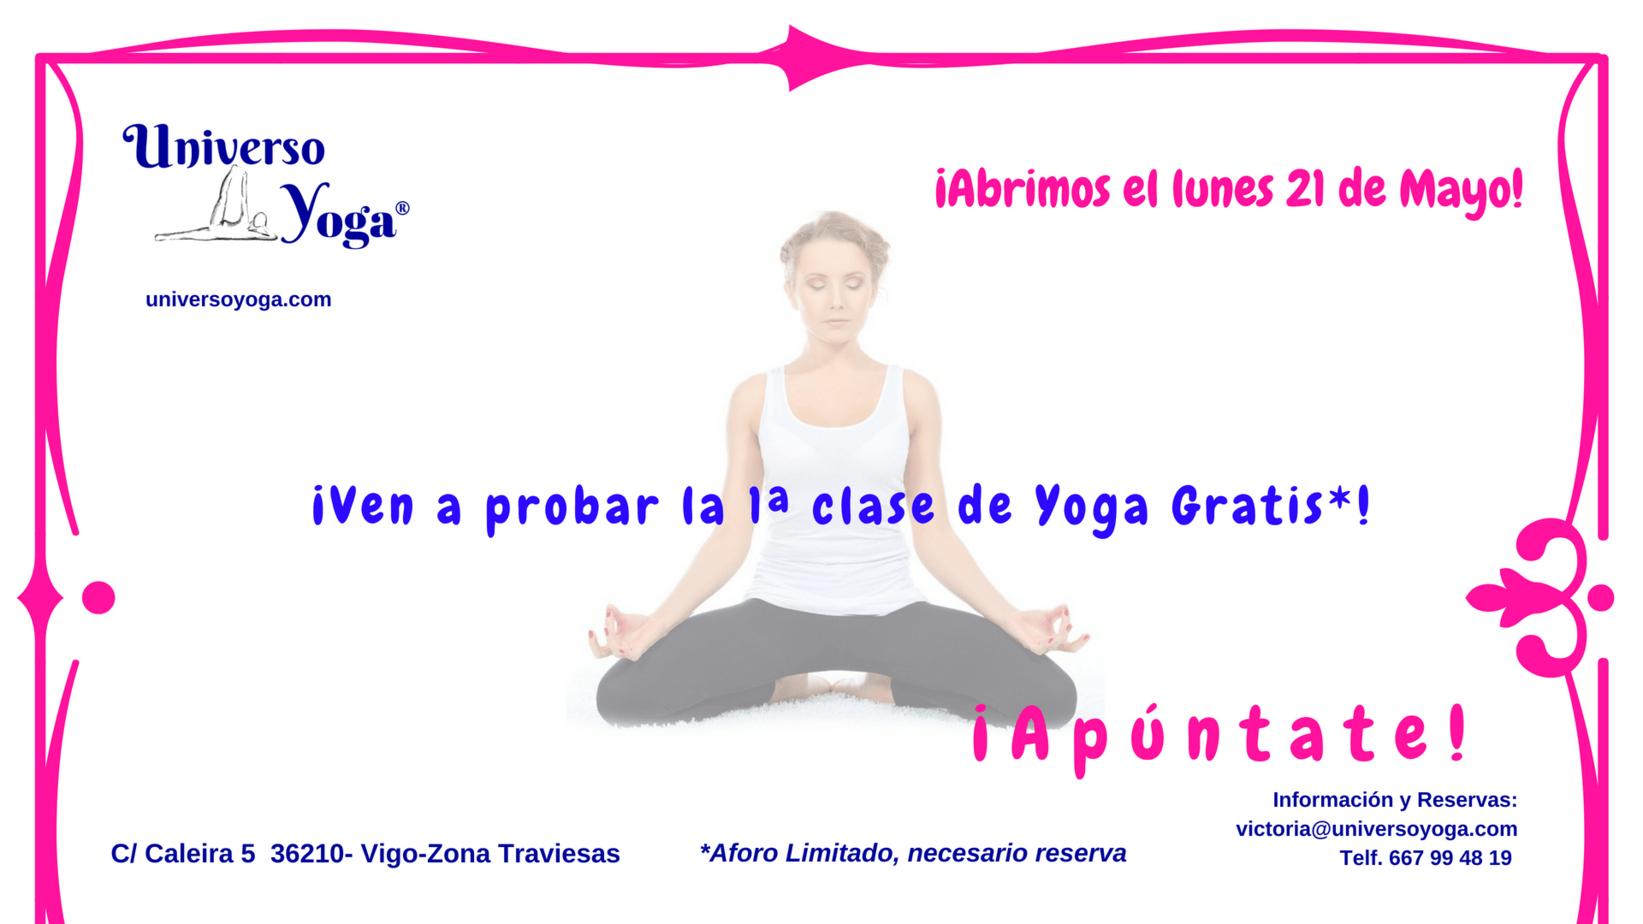 Abrimos el próximo lunes 21 de Mayo -  Centro de Yoga  Universoyoga Rúa Caleira 5 Vigo